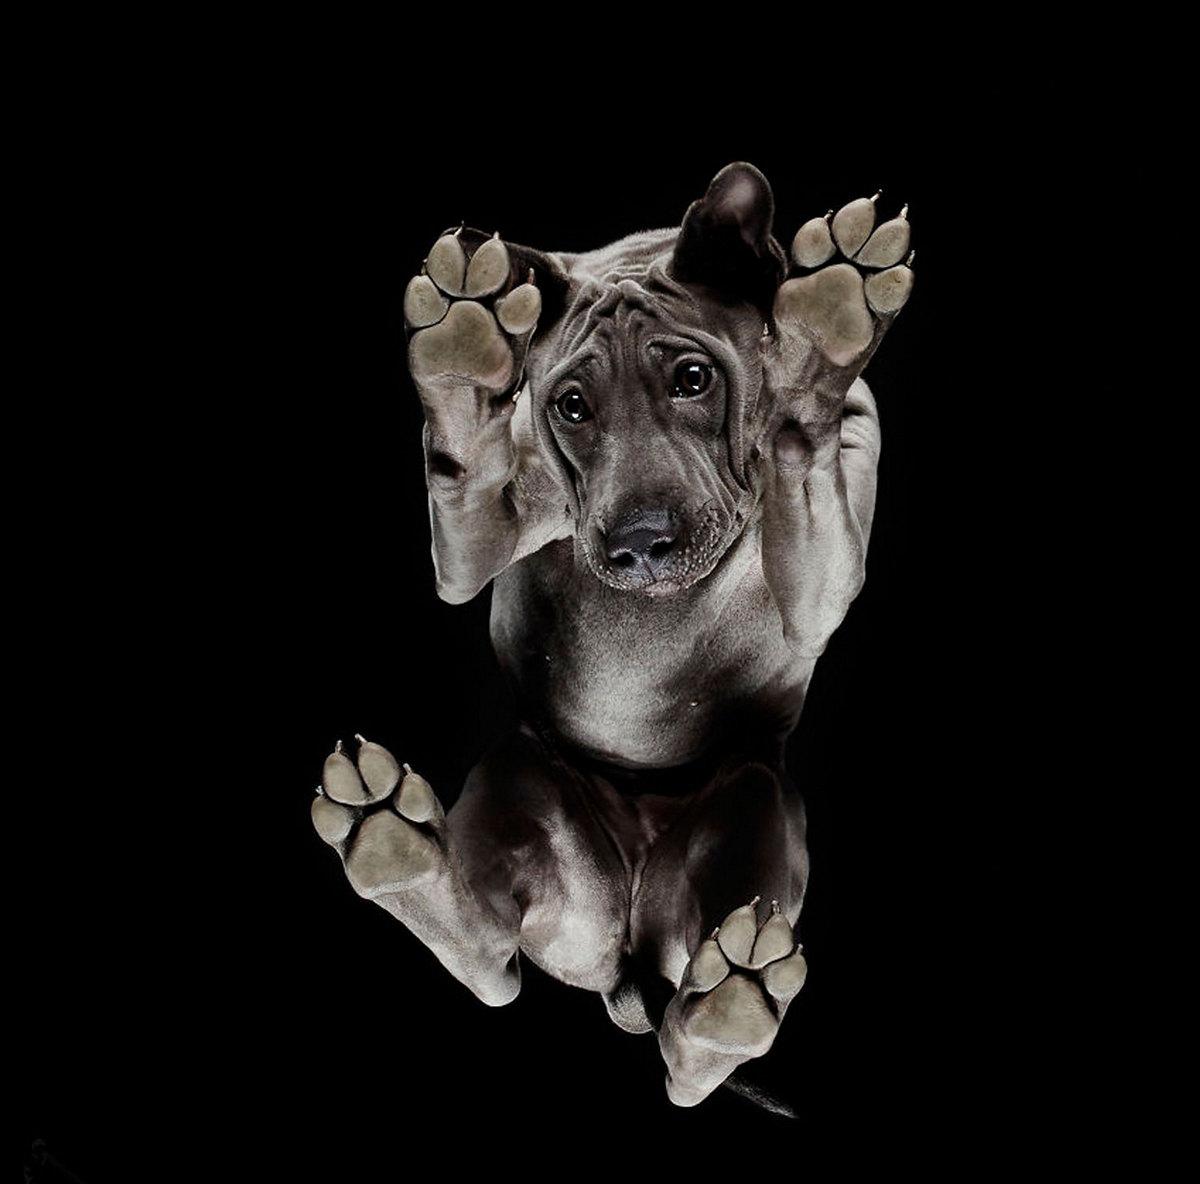 «Взгляд снизу»: чудные фотографии животных в проекте Андриуса Бурбы 2